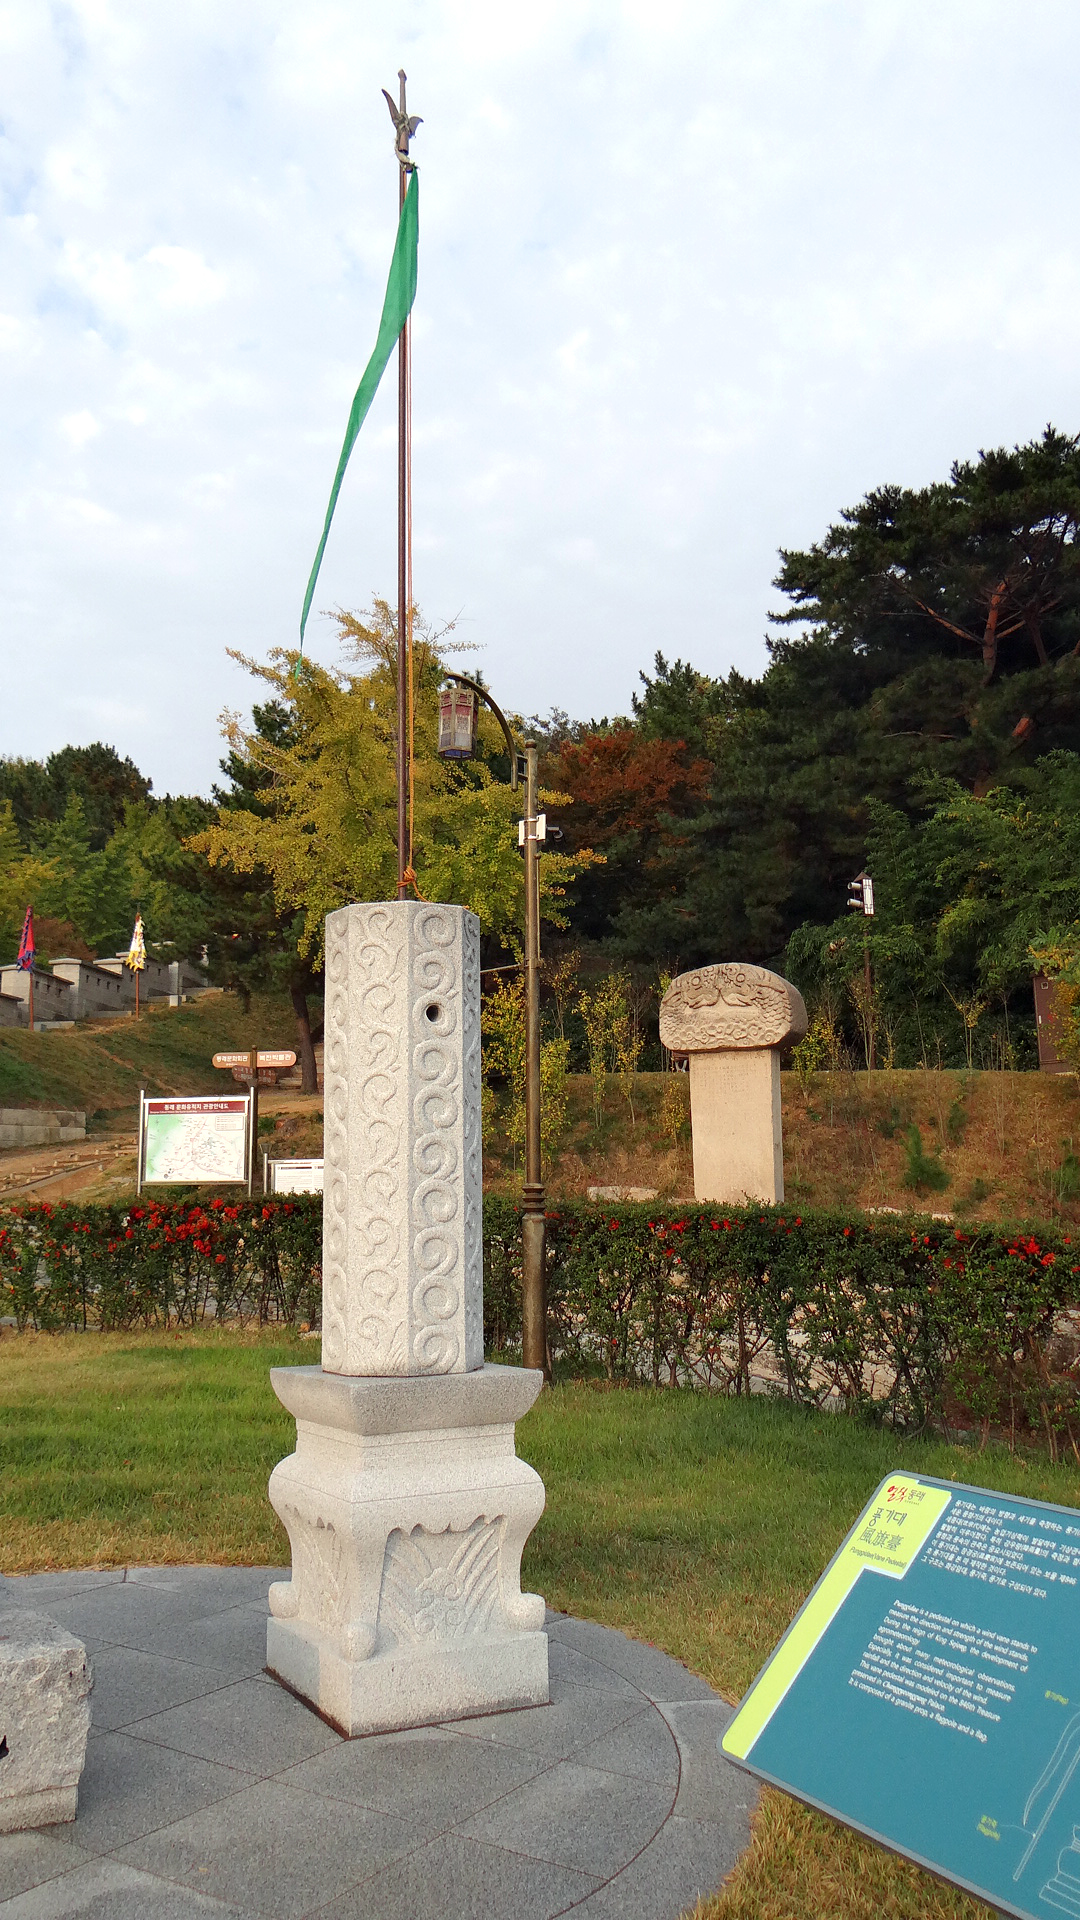 File:Jang Yeong Sil Science Garden Wind Vane 13 11795 Busan,